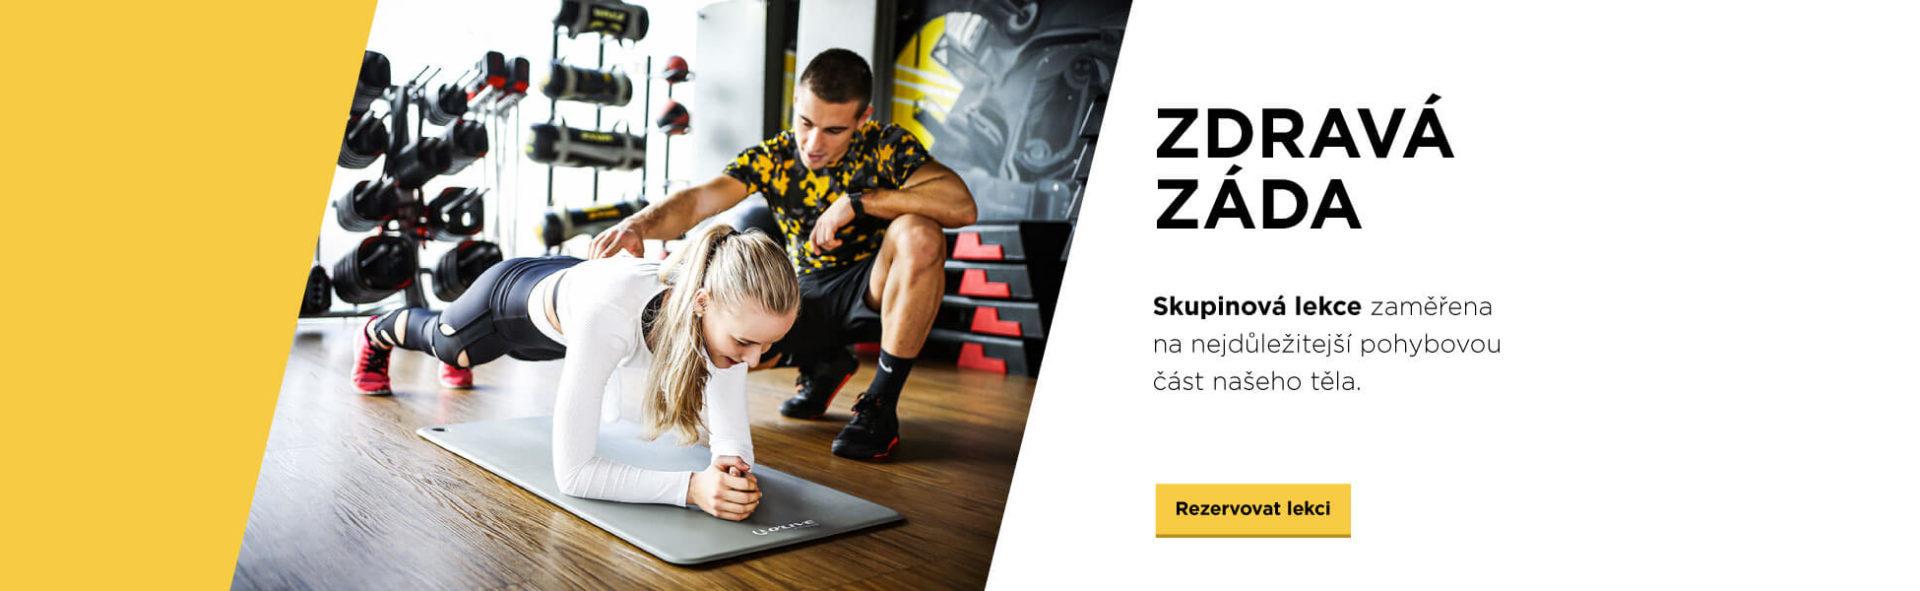 Slideshow-Zada